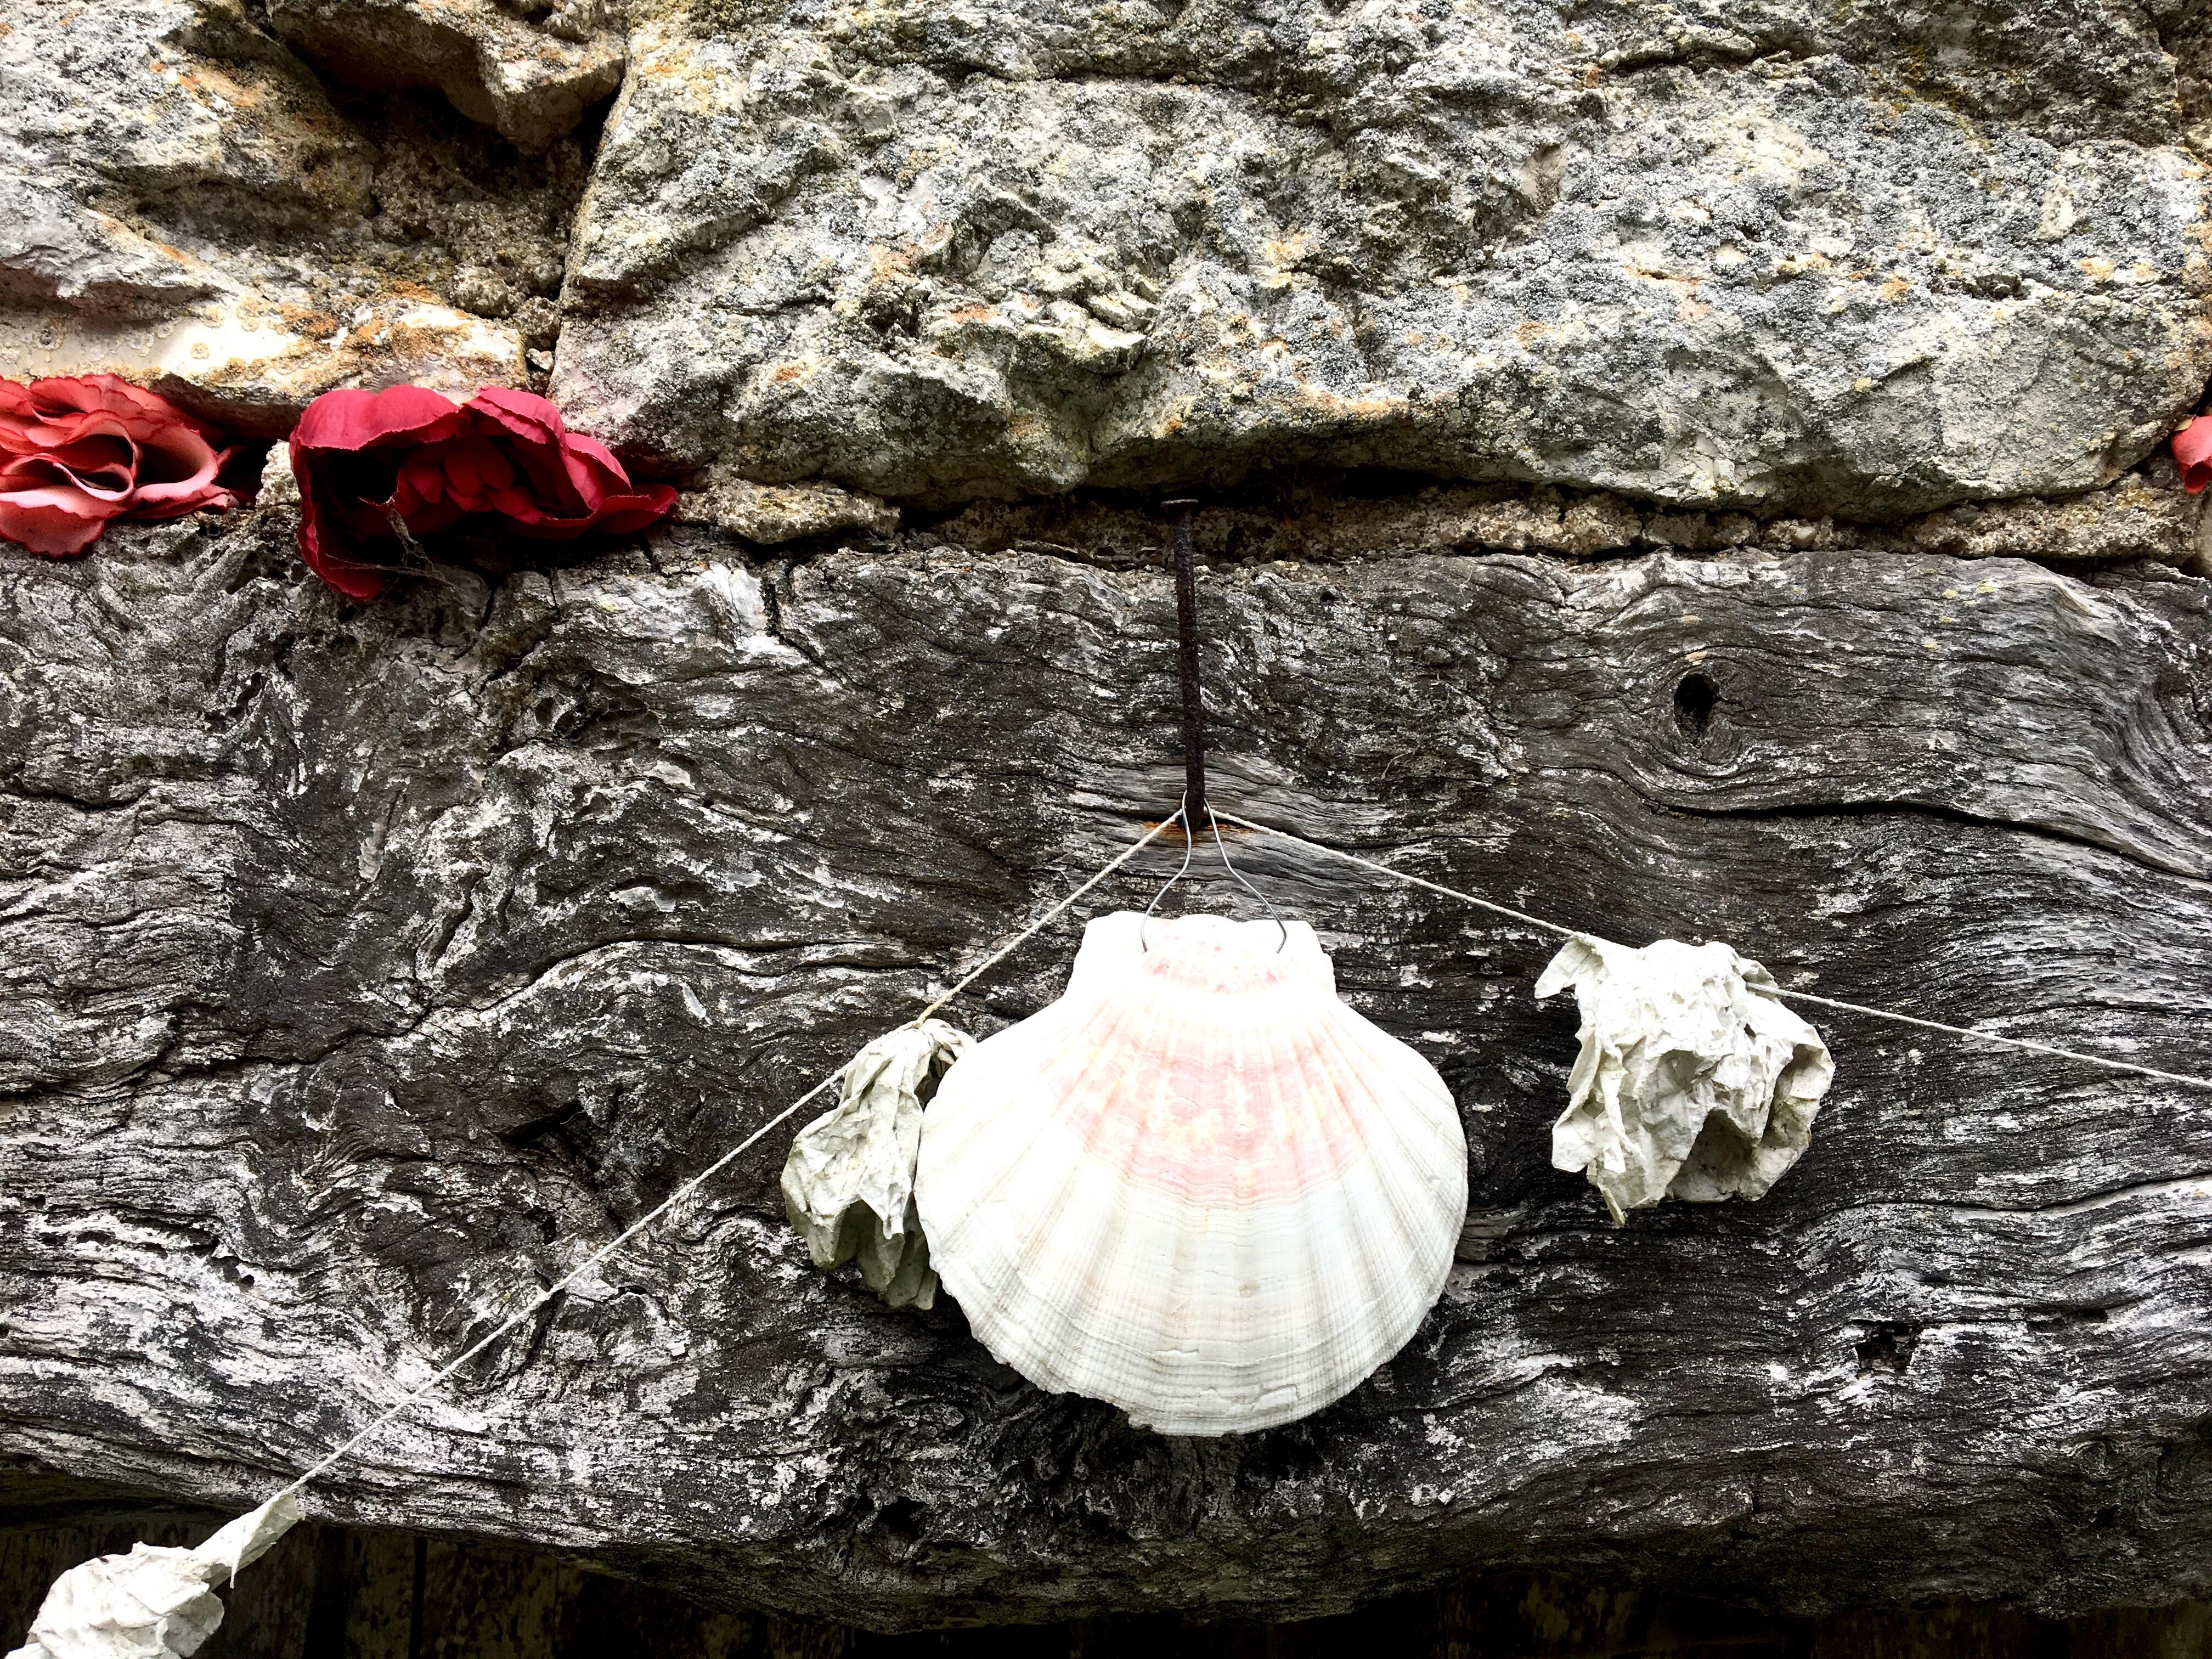 Camino de Santiago, scallop shell